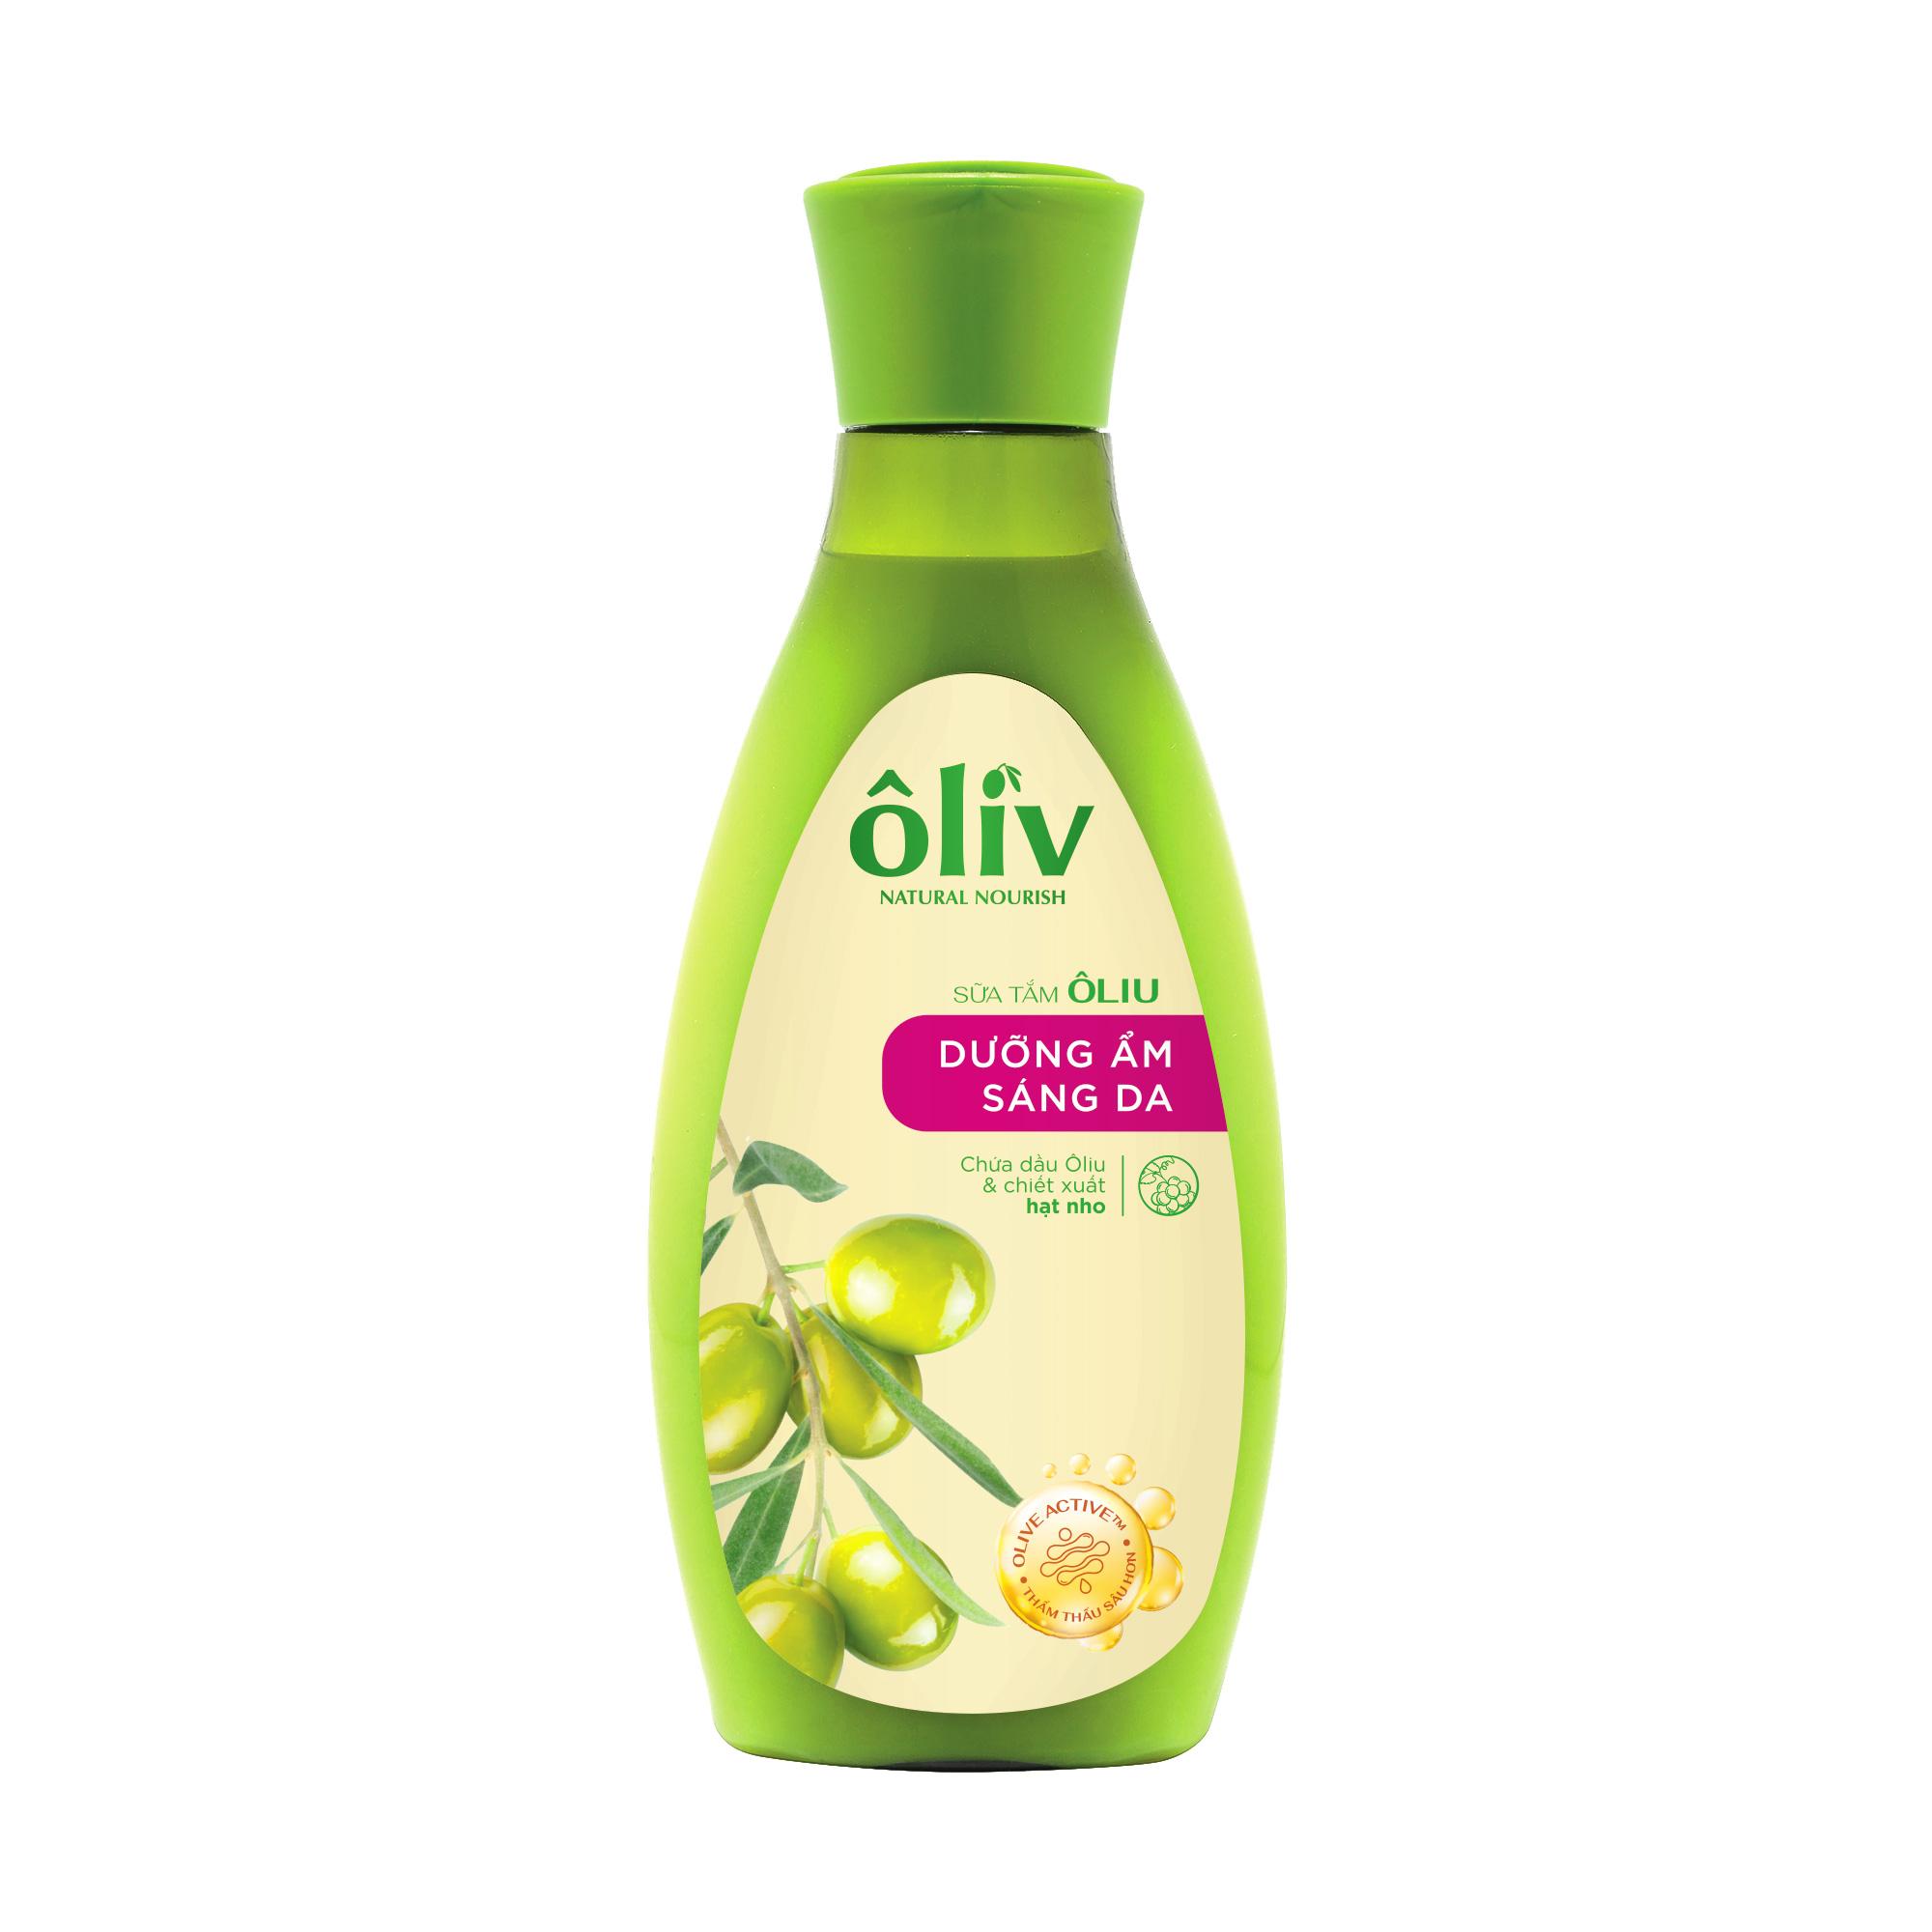 Sữa Tắm Oliu Nguyên Chất Oliv Dưỡng Ẩm Sáng Da 250ml